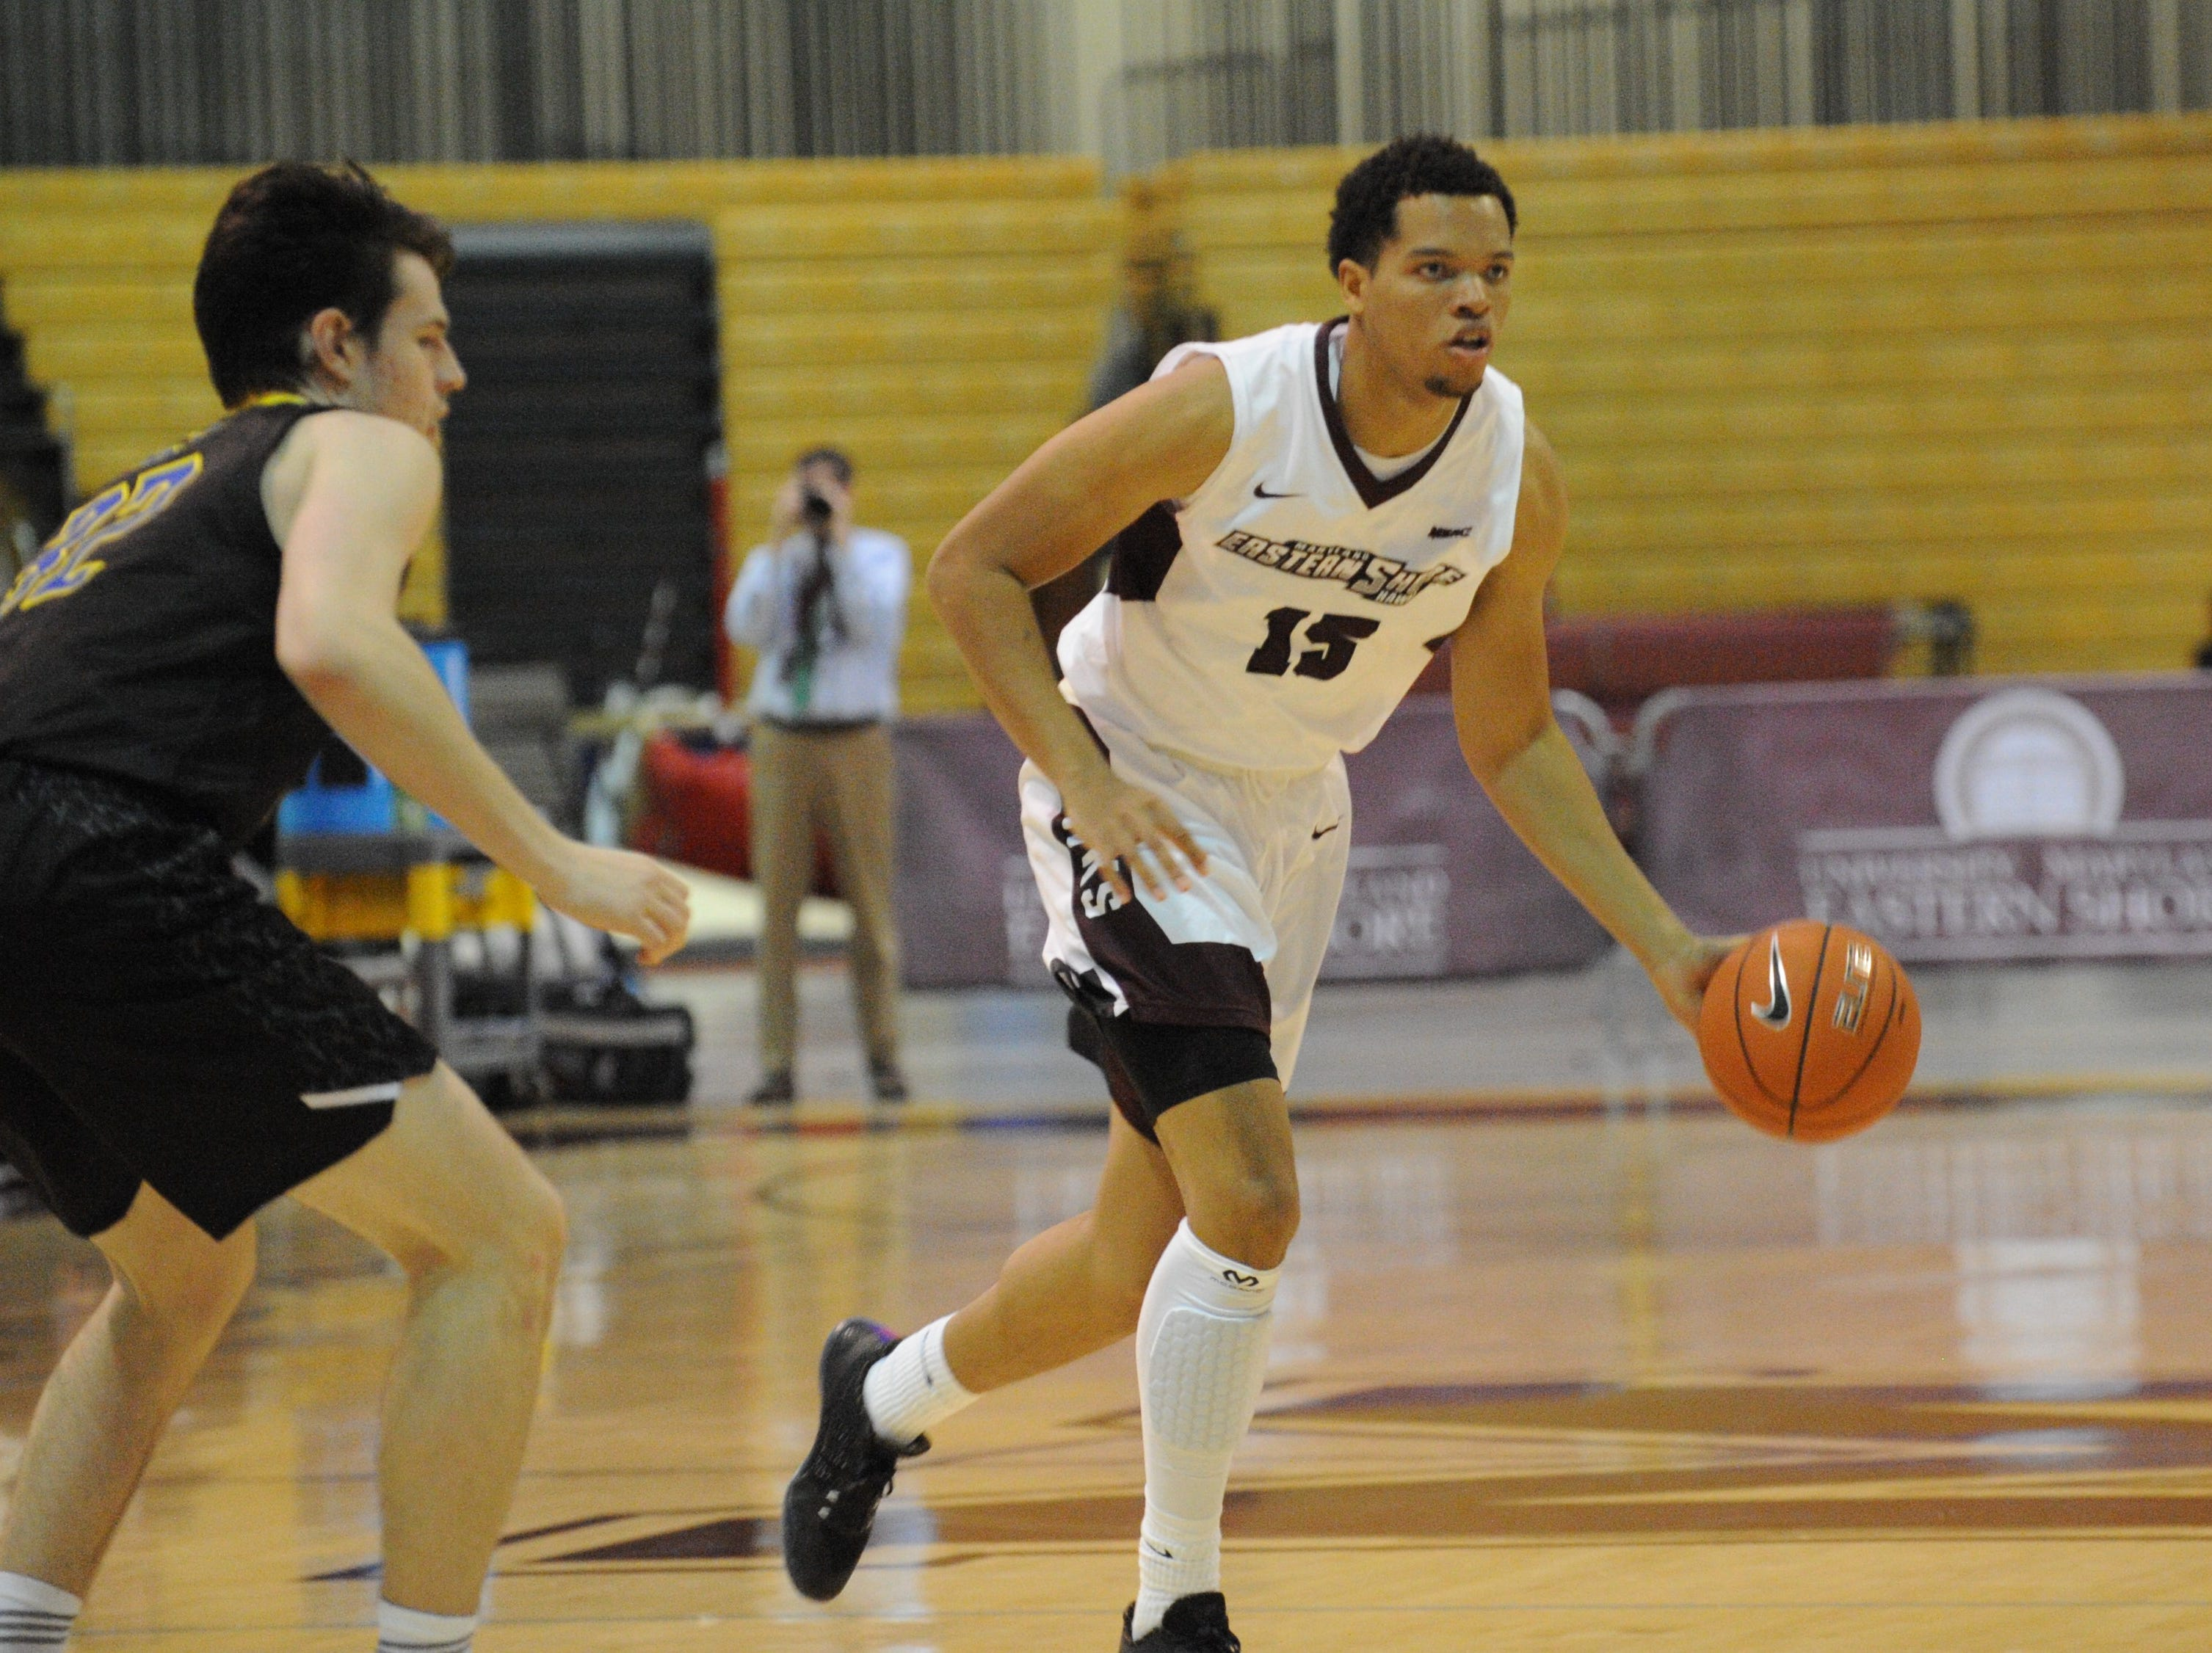 University of Maryland Eastern Shore forward Tyler Jones dribbles down court against the University of Delaware on Friday, Nov. 30, 2018. The Blue Hens beat the Hawks, 71-62.